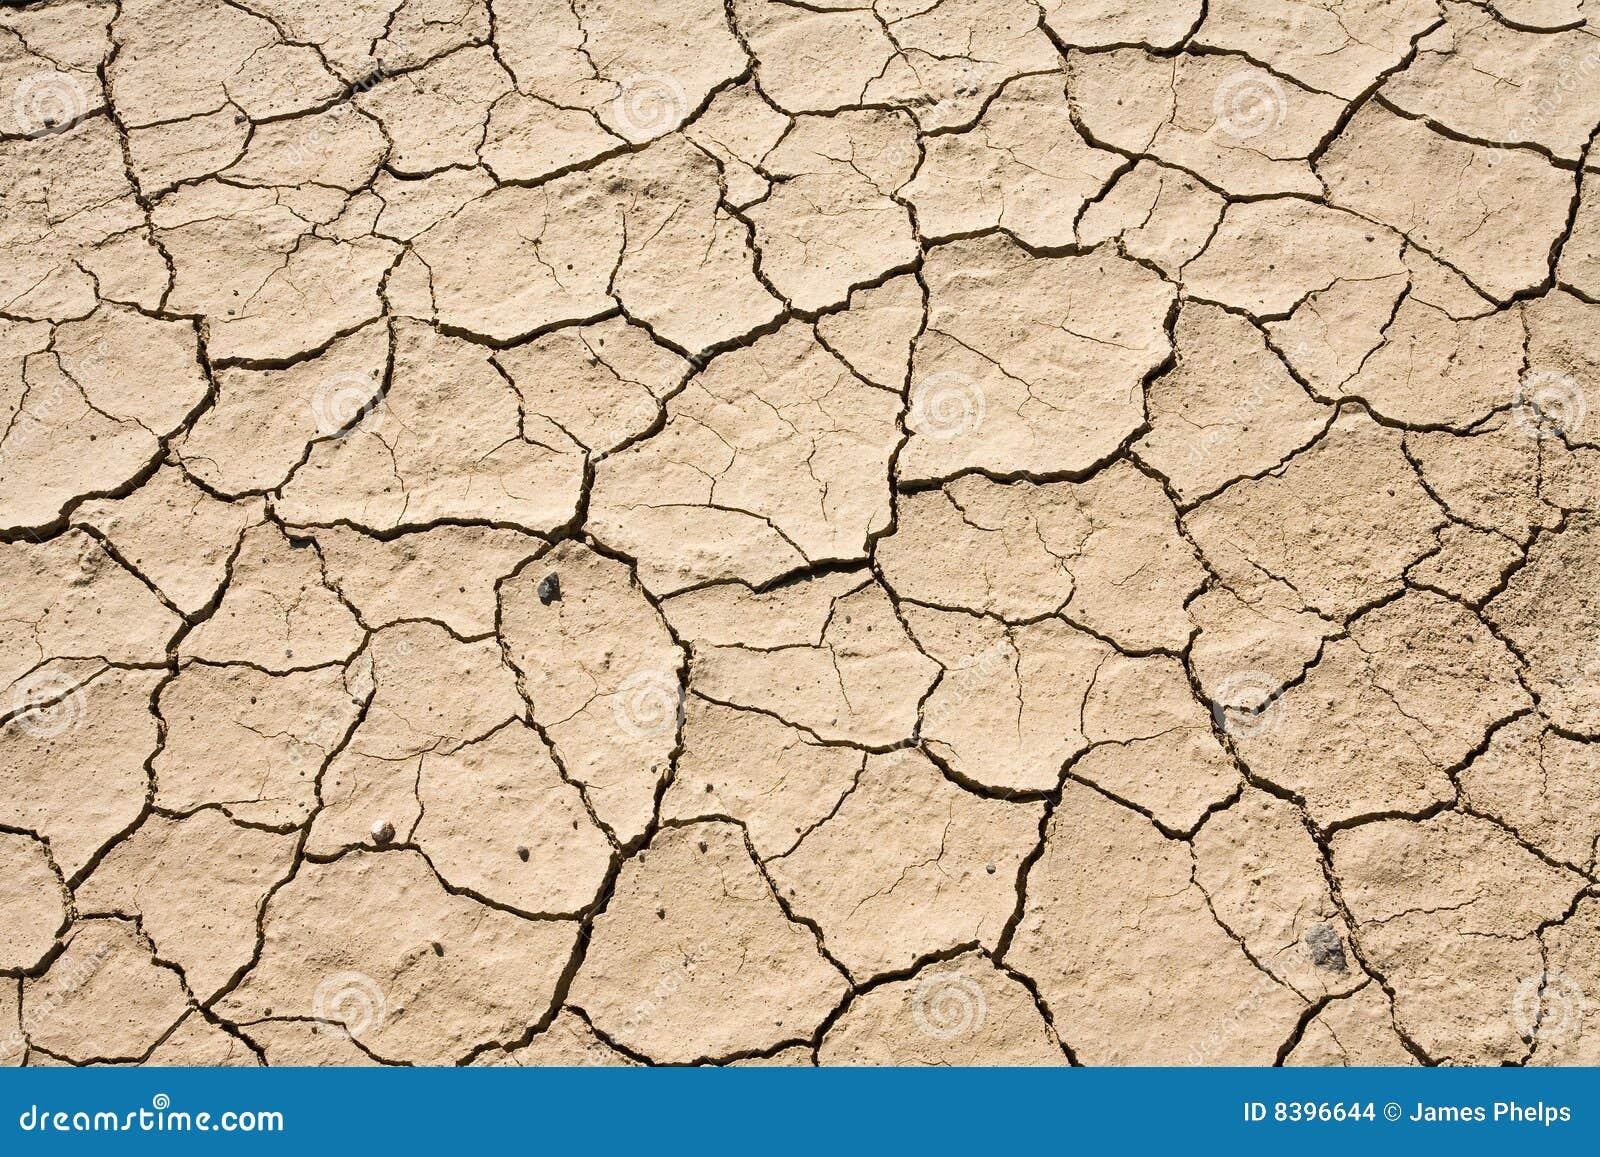 треснутая предпосылкой картина грязи пустыни сухая земная